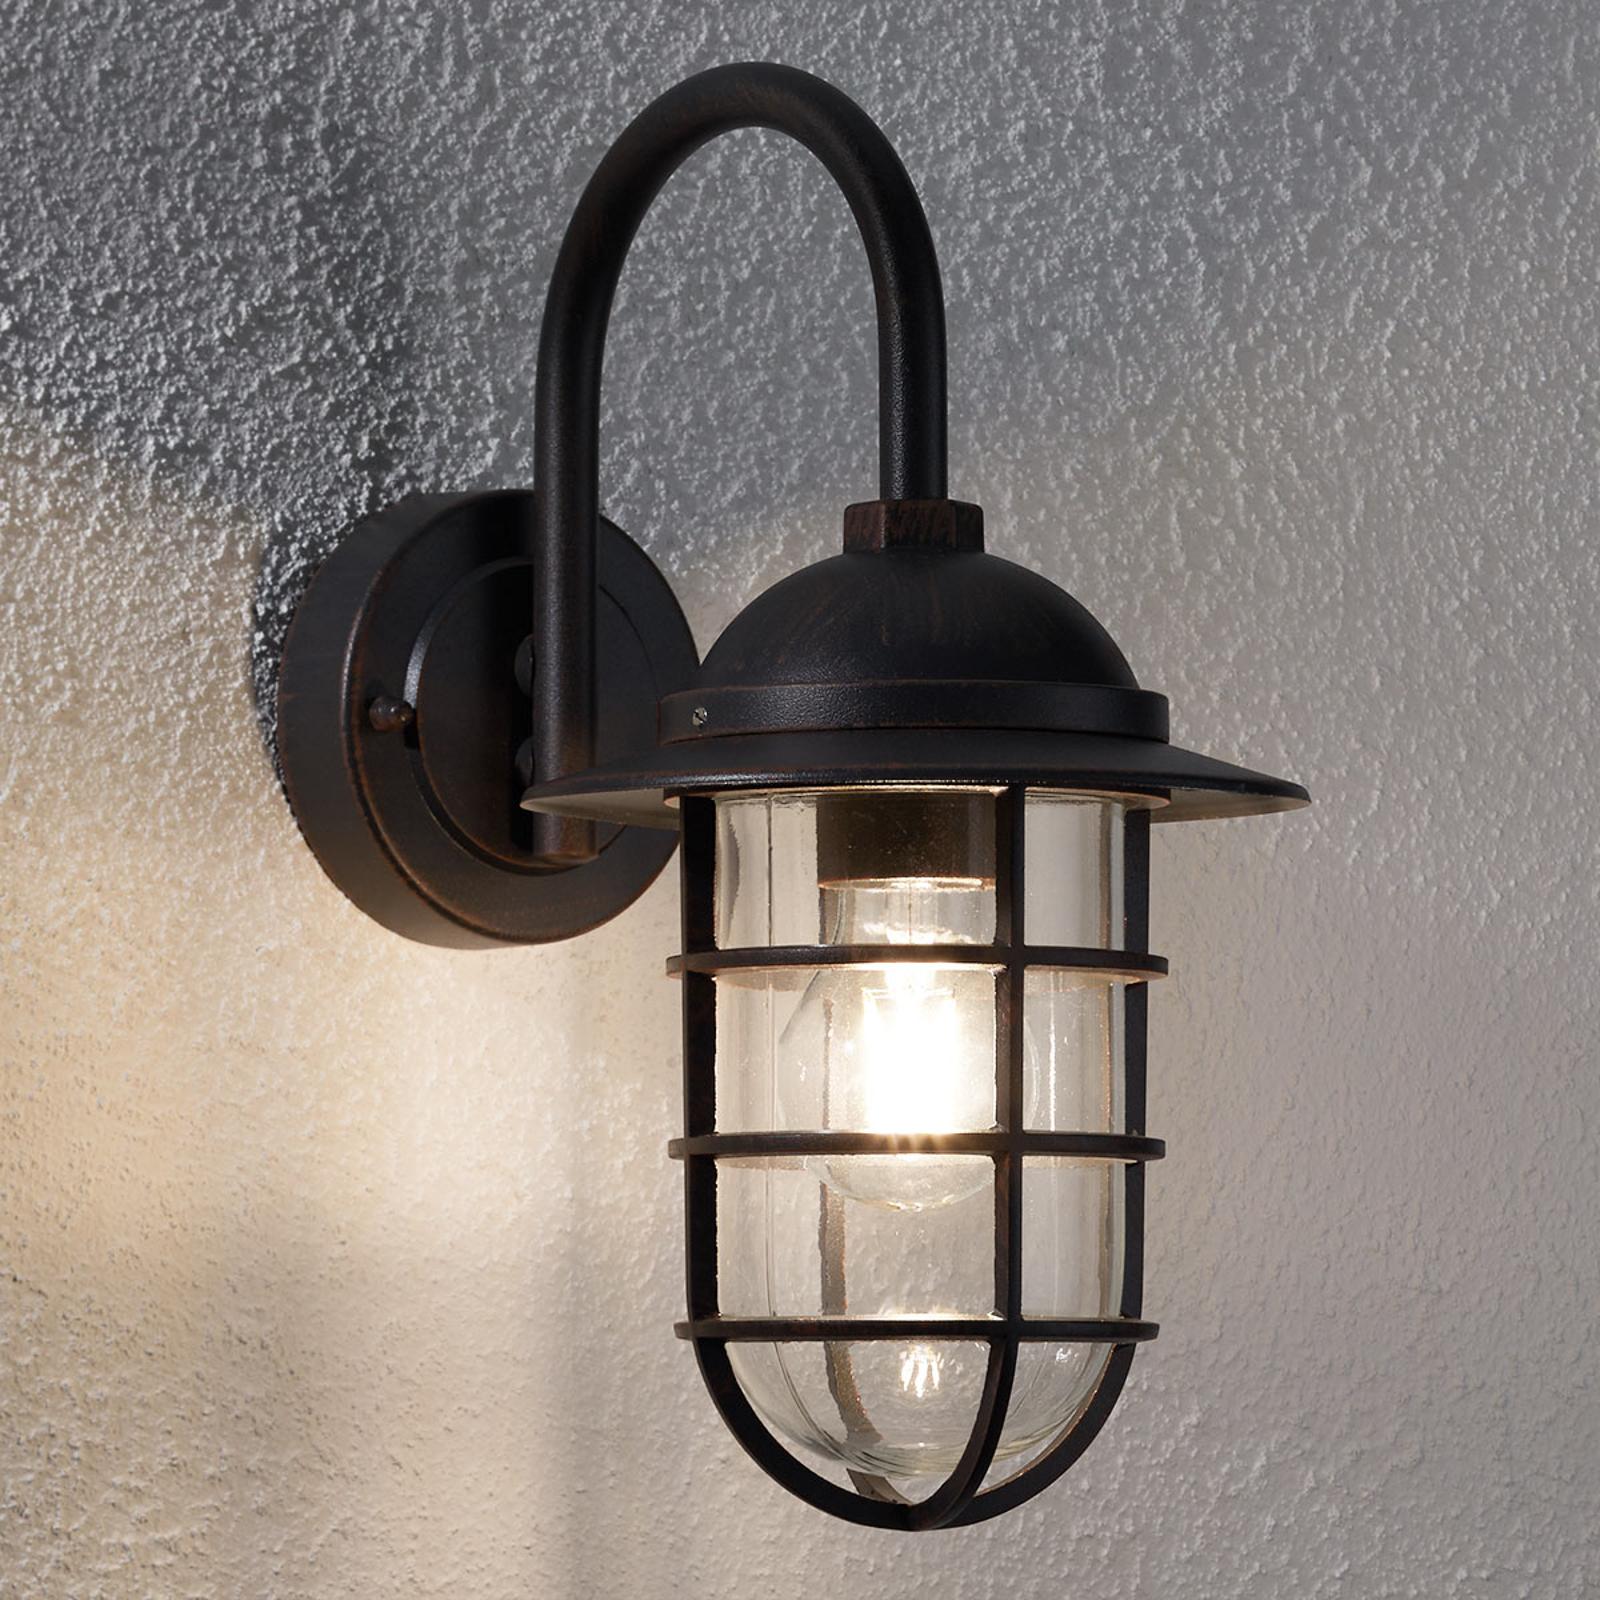 Buitenwandlamp Gero met gebogen arm